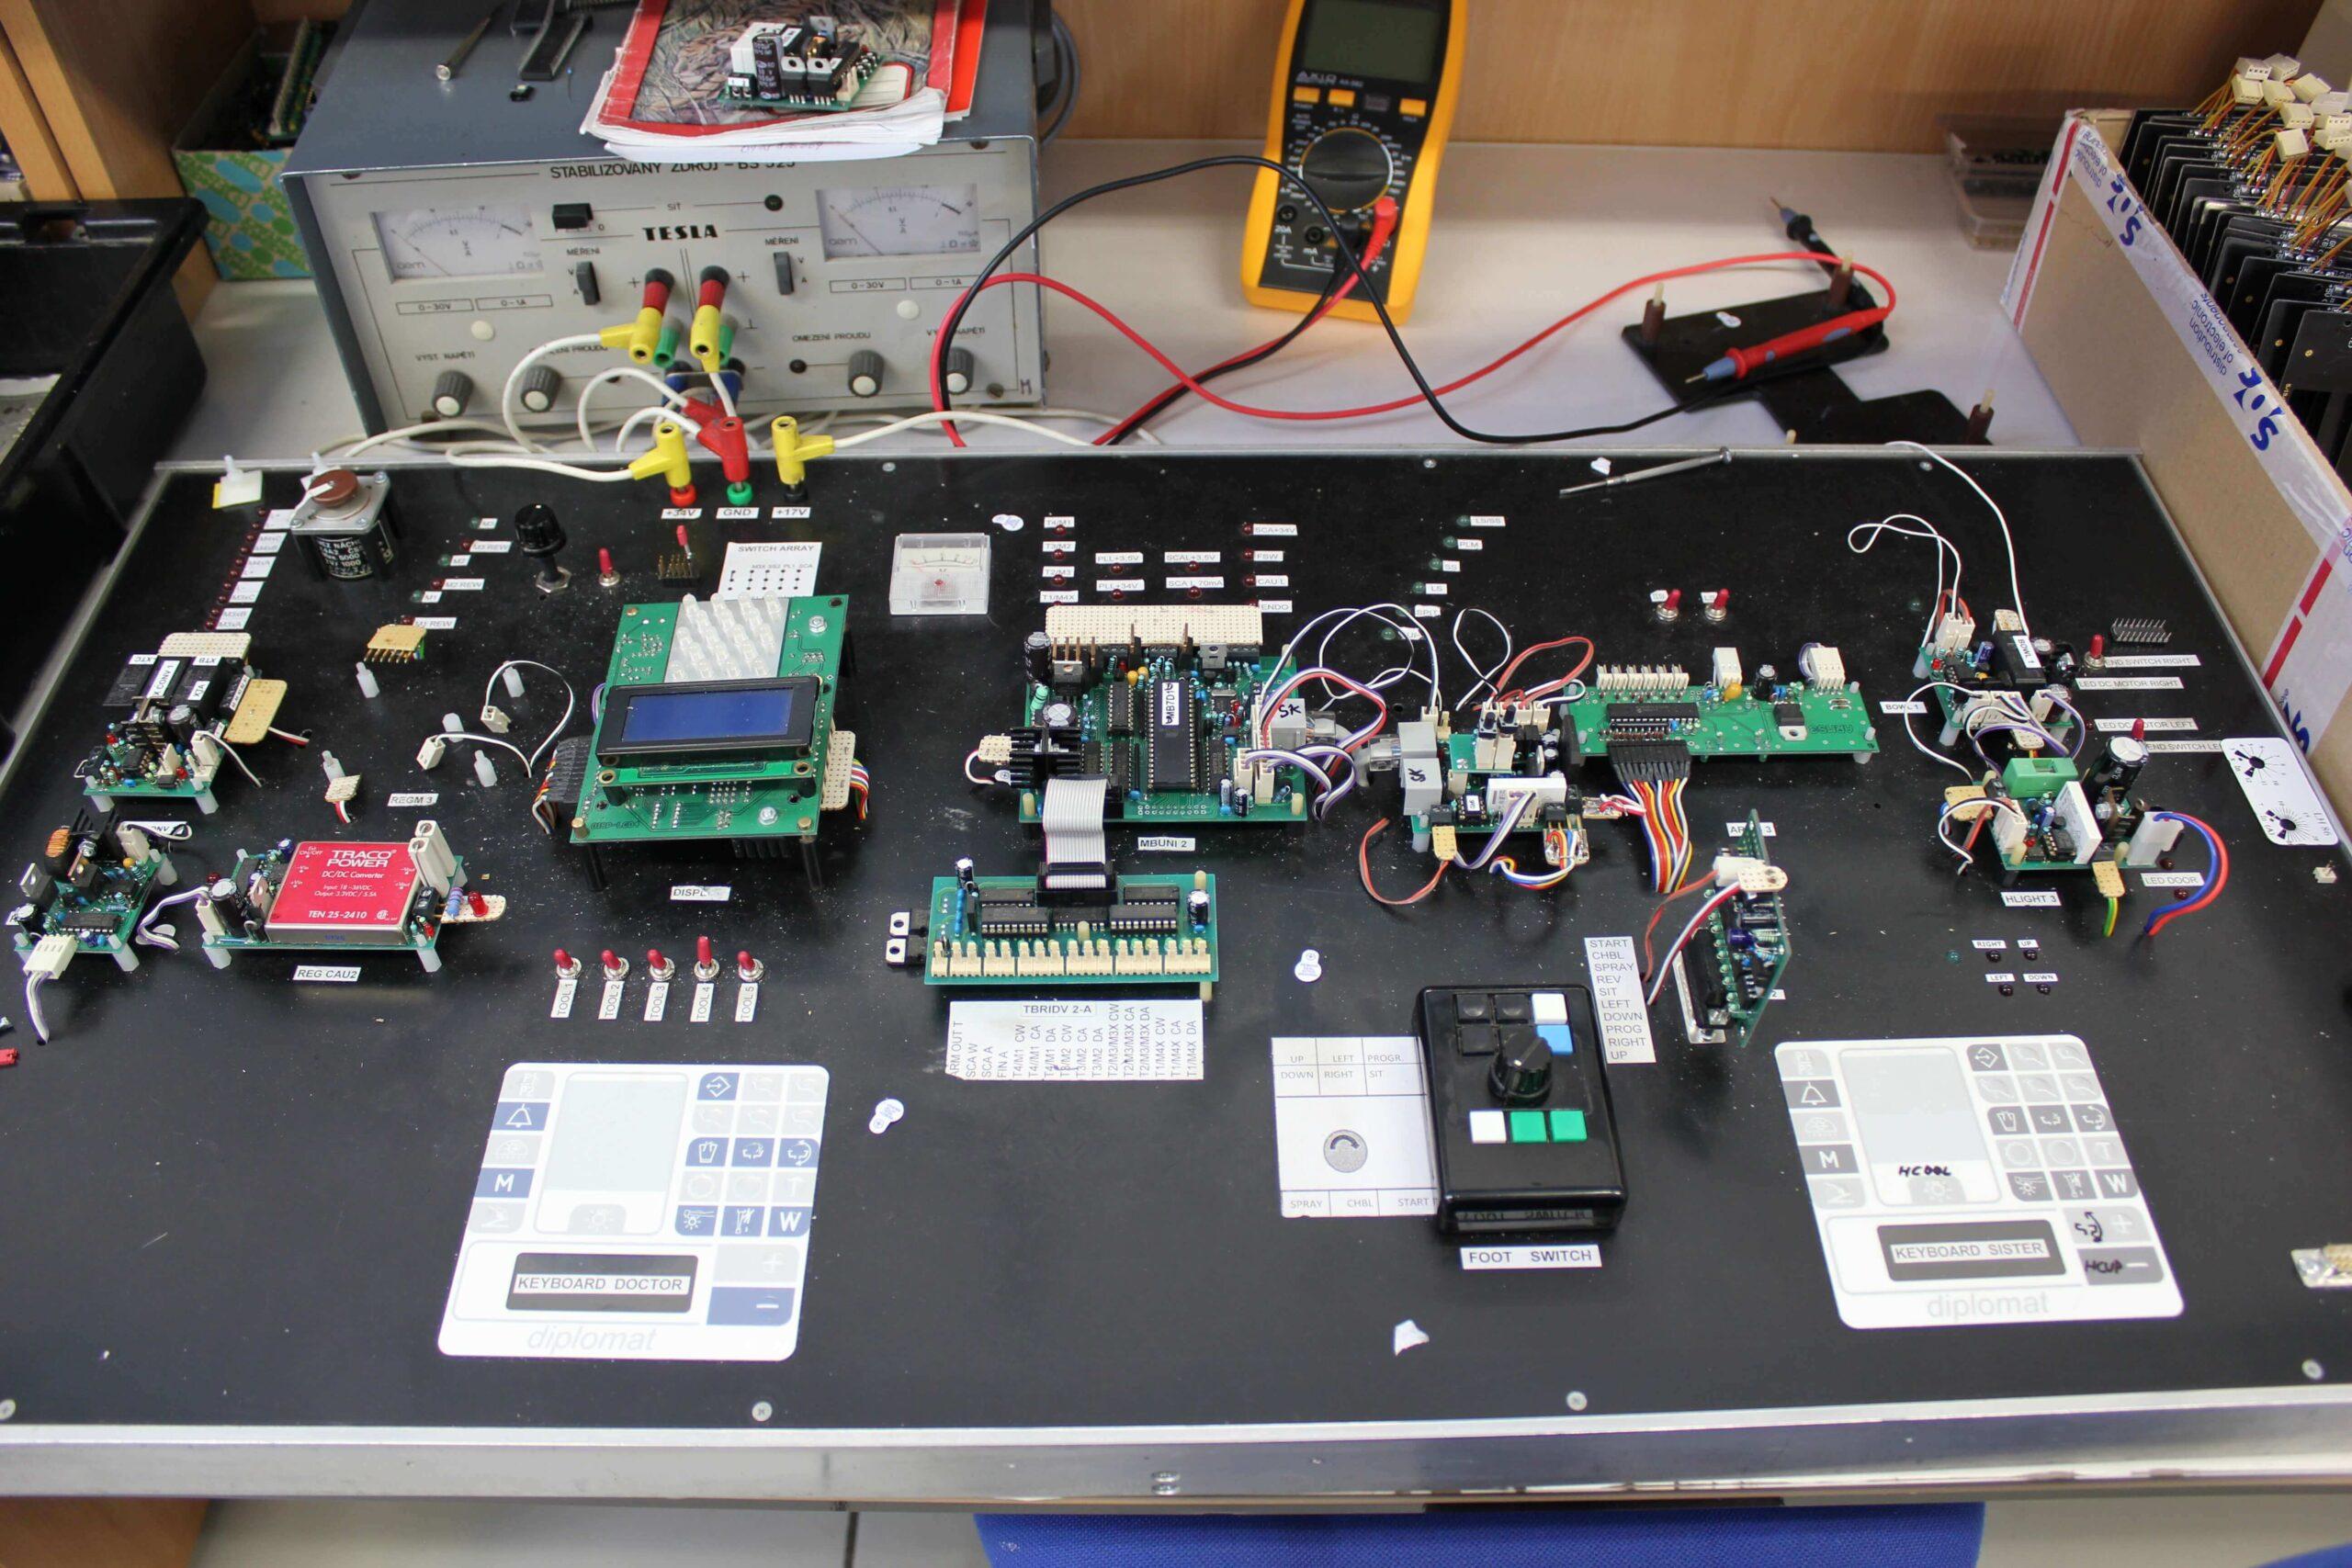 Provádíme i finalizaci výrobků, včetně montáže do krytů, kabeláže a finálního balení.